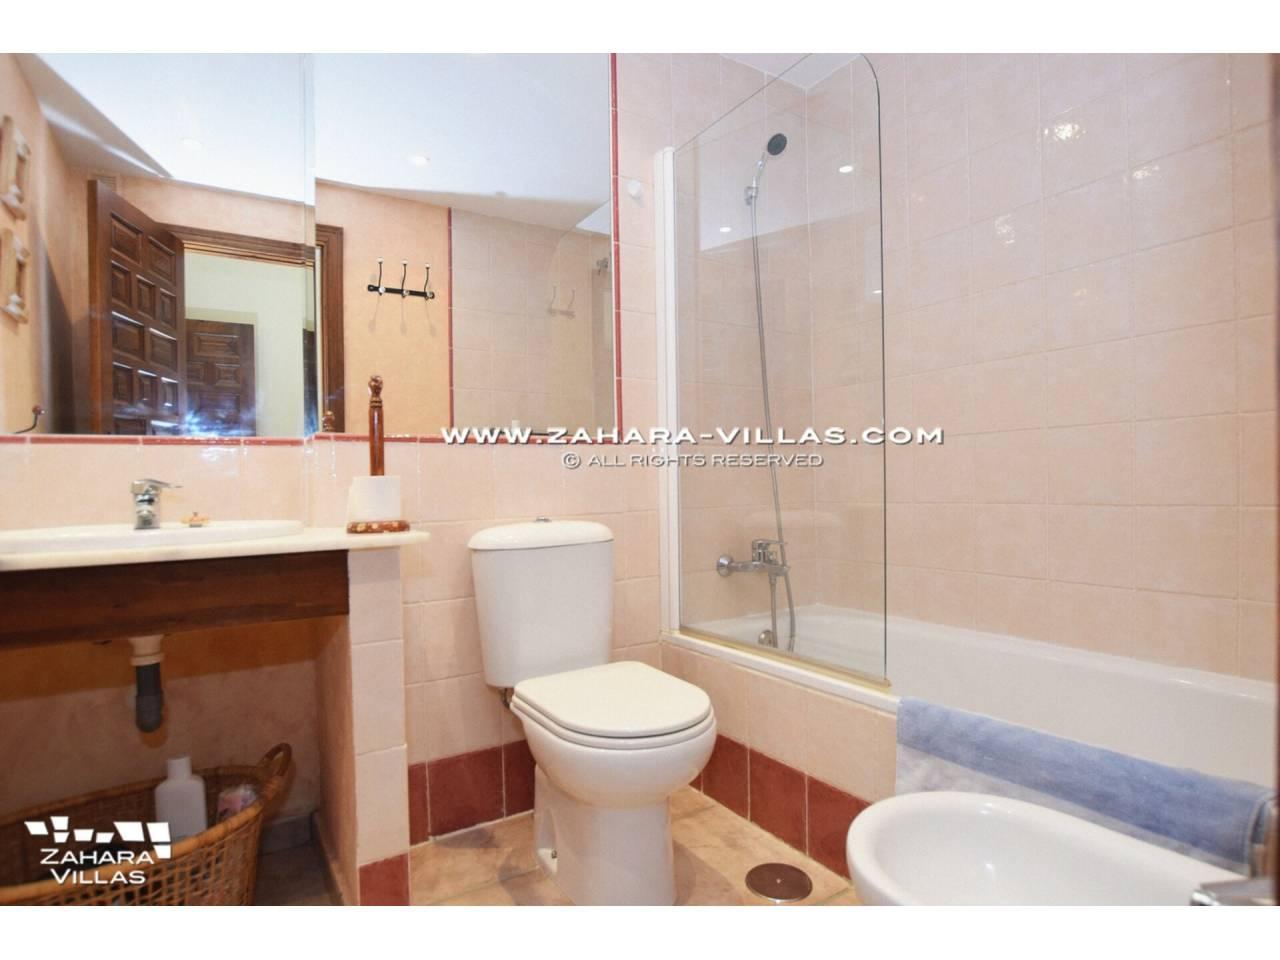 Imagen 9 de Coqueto apartamento en venta en urbanización Jardines de Zahara - Atlanterra